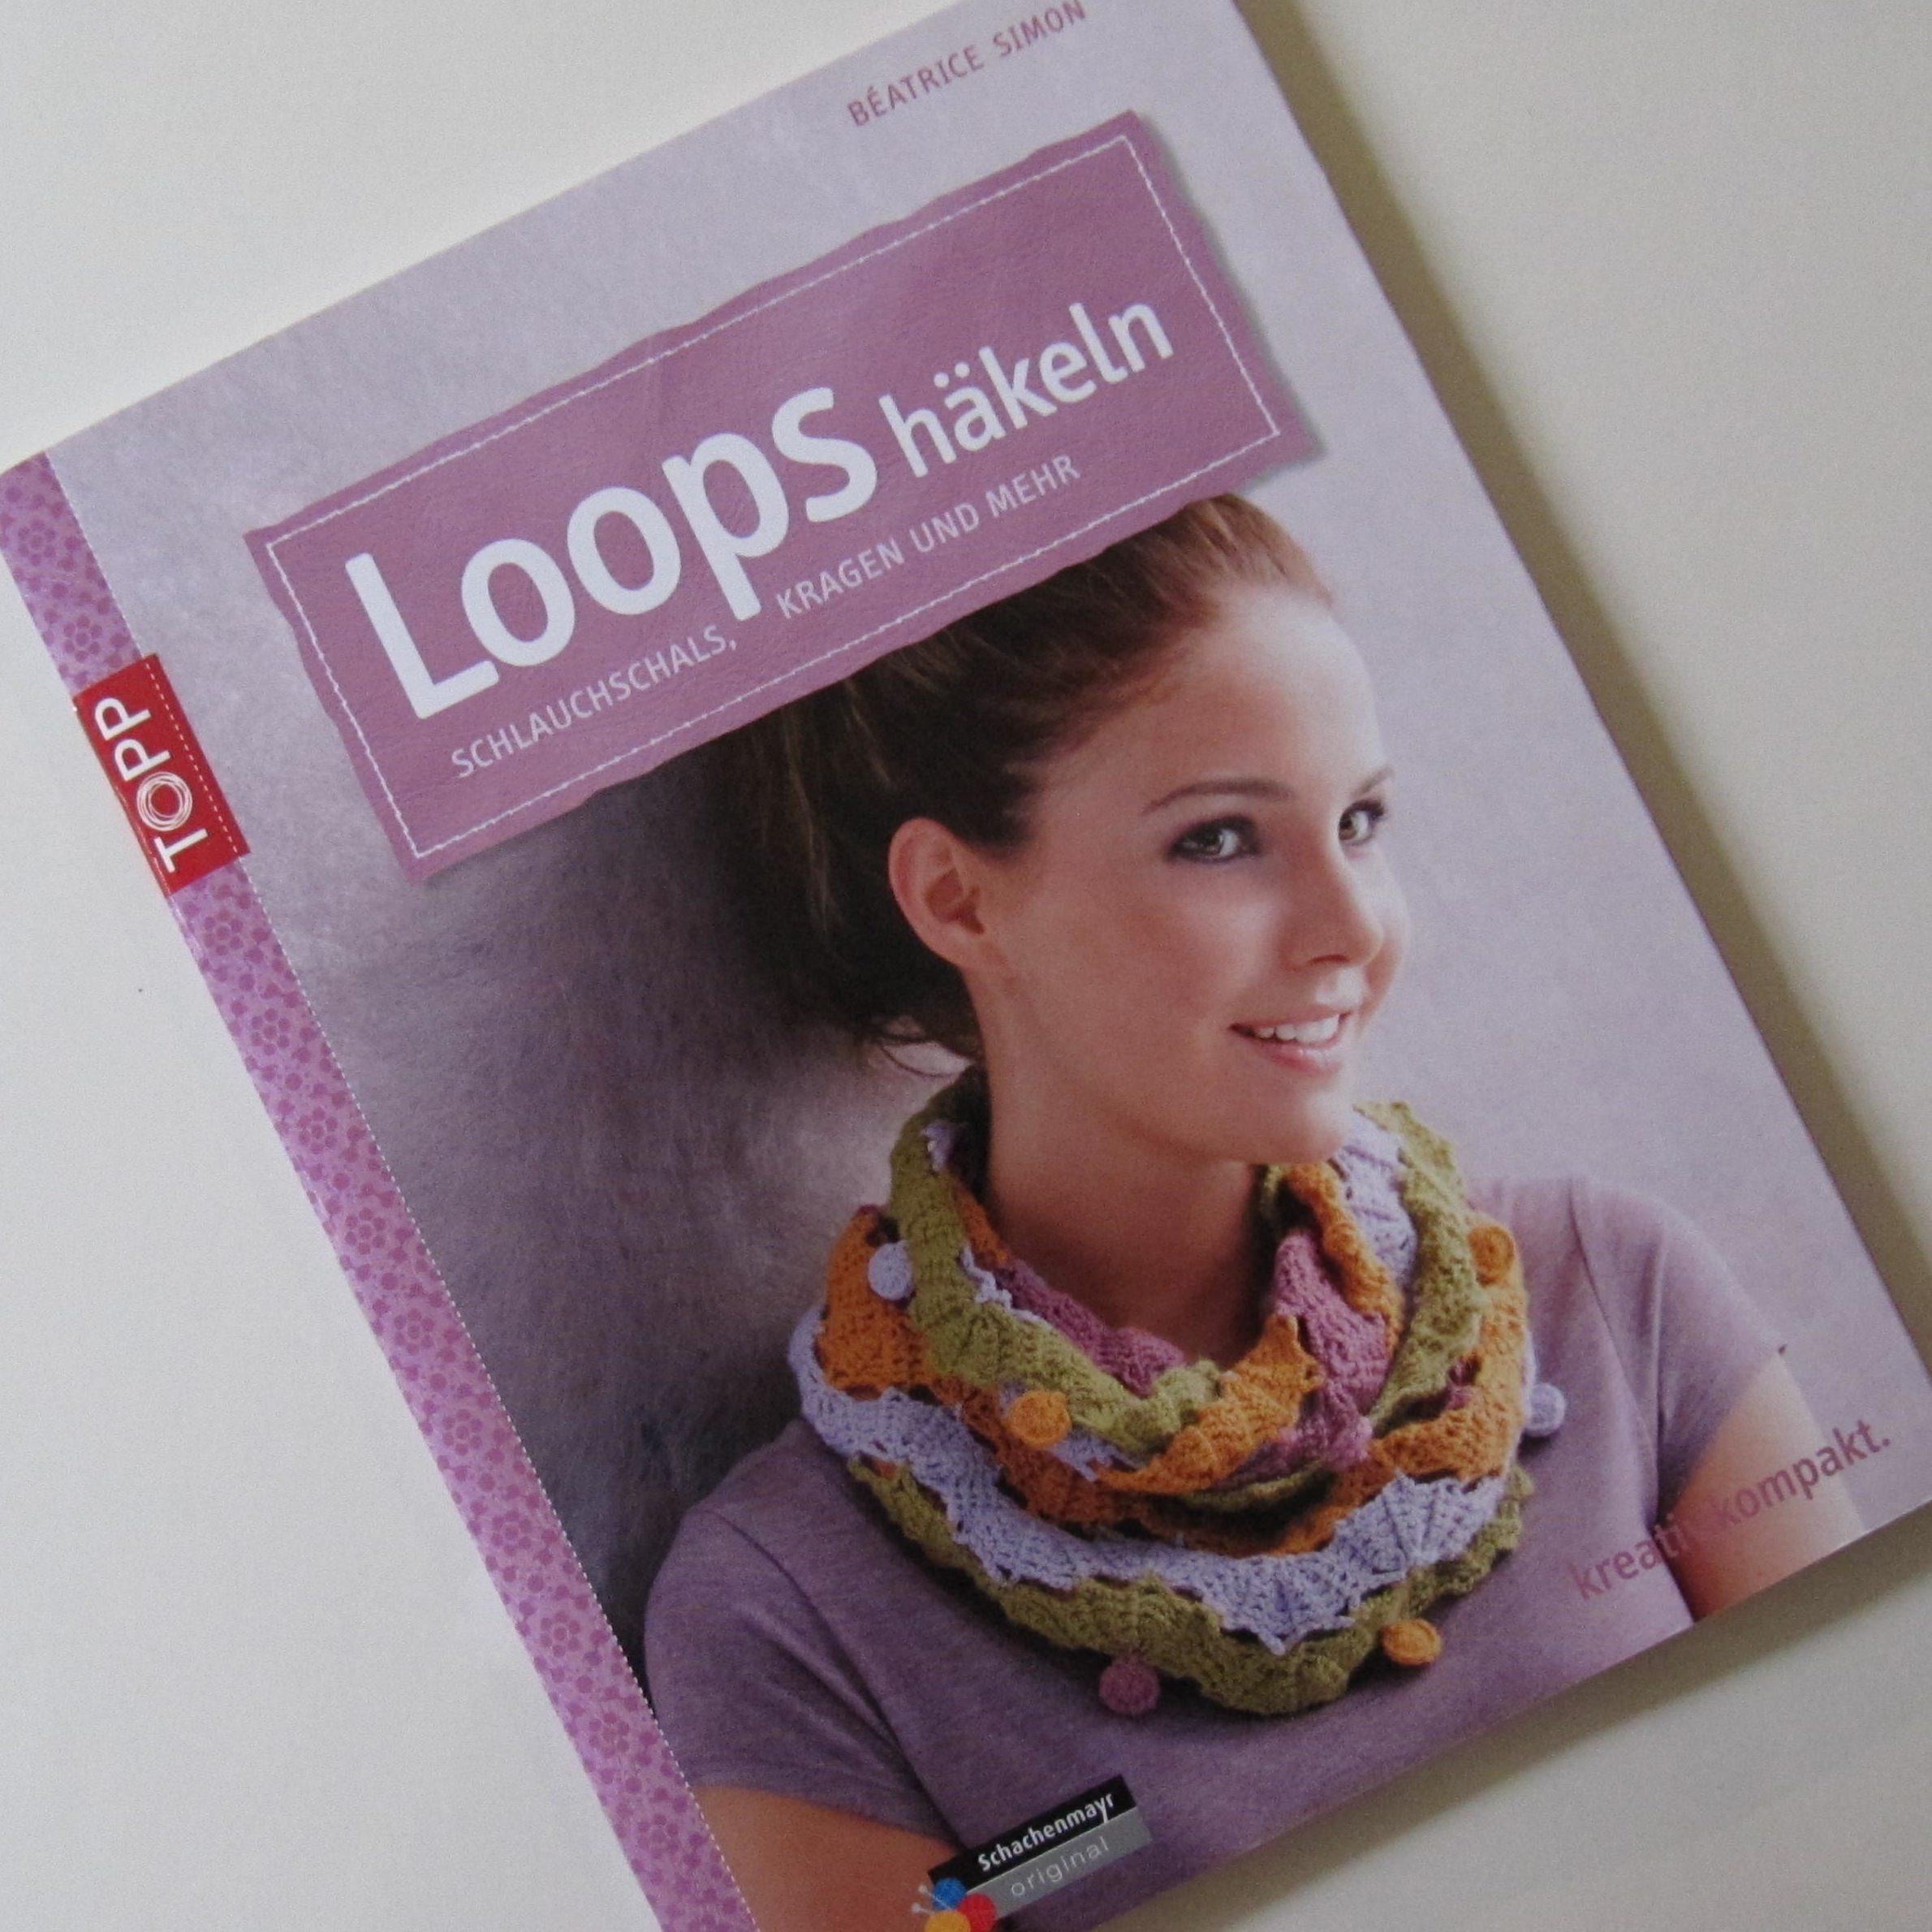 Loops häkeln Béatrice Simon schoenstricken.de